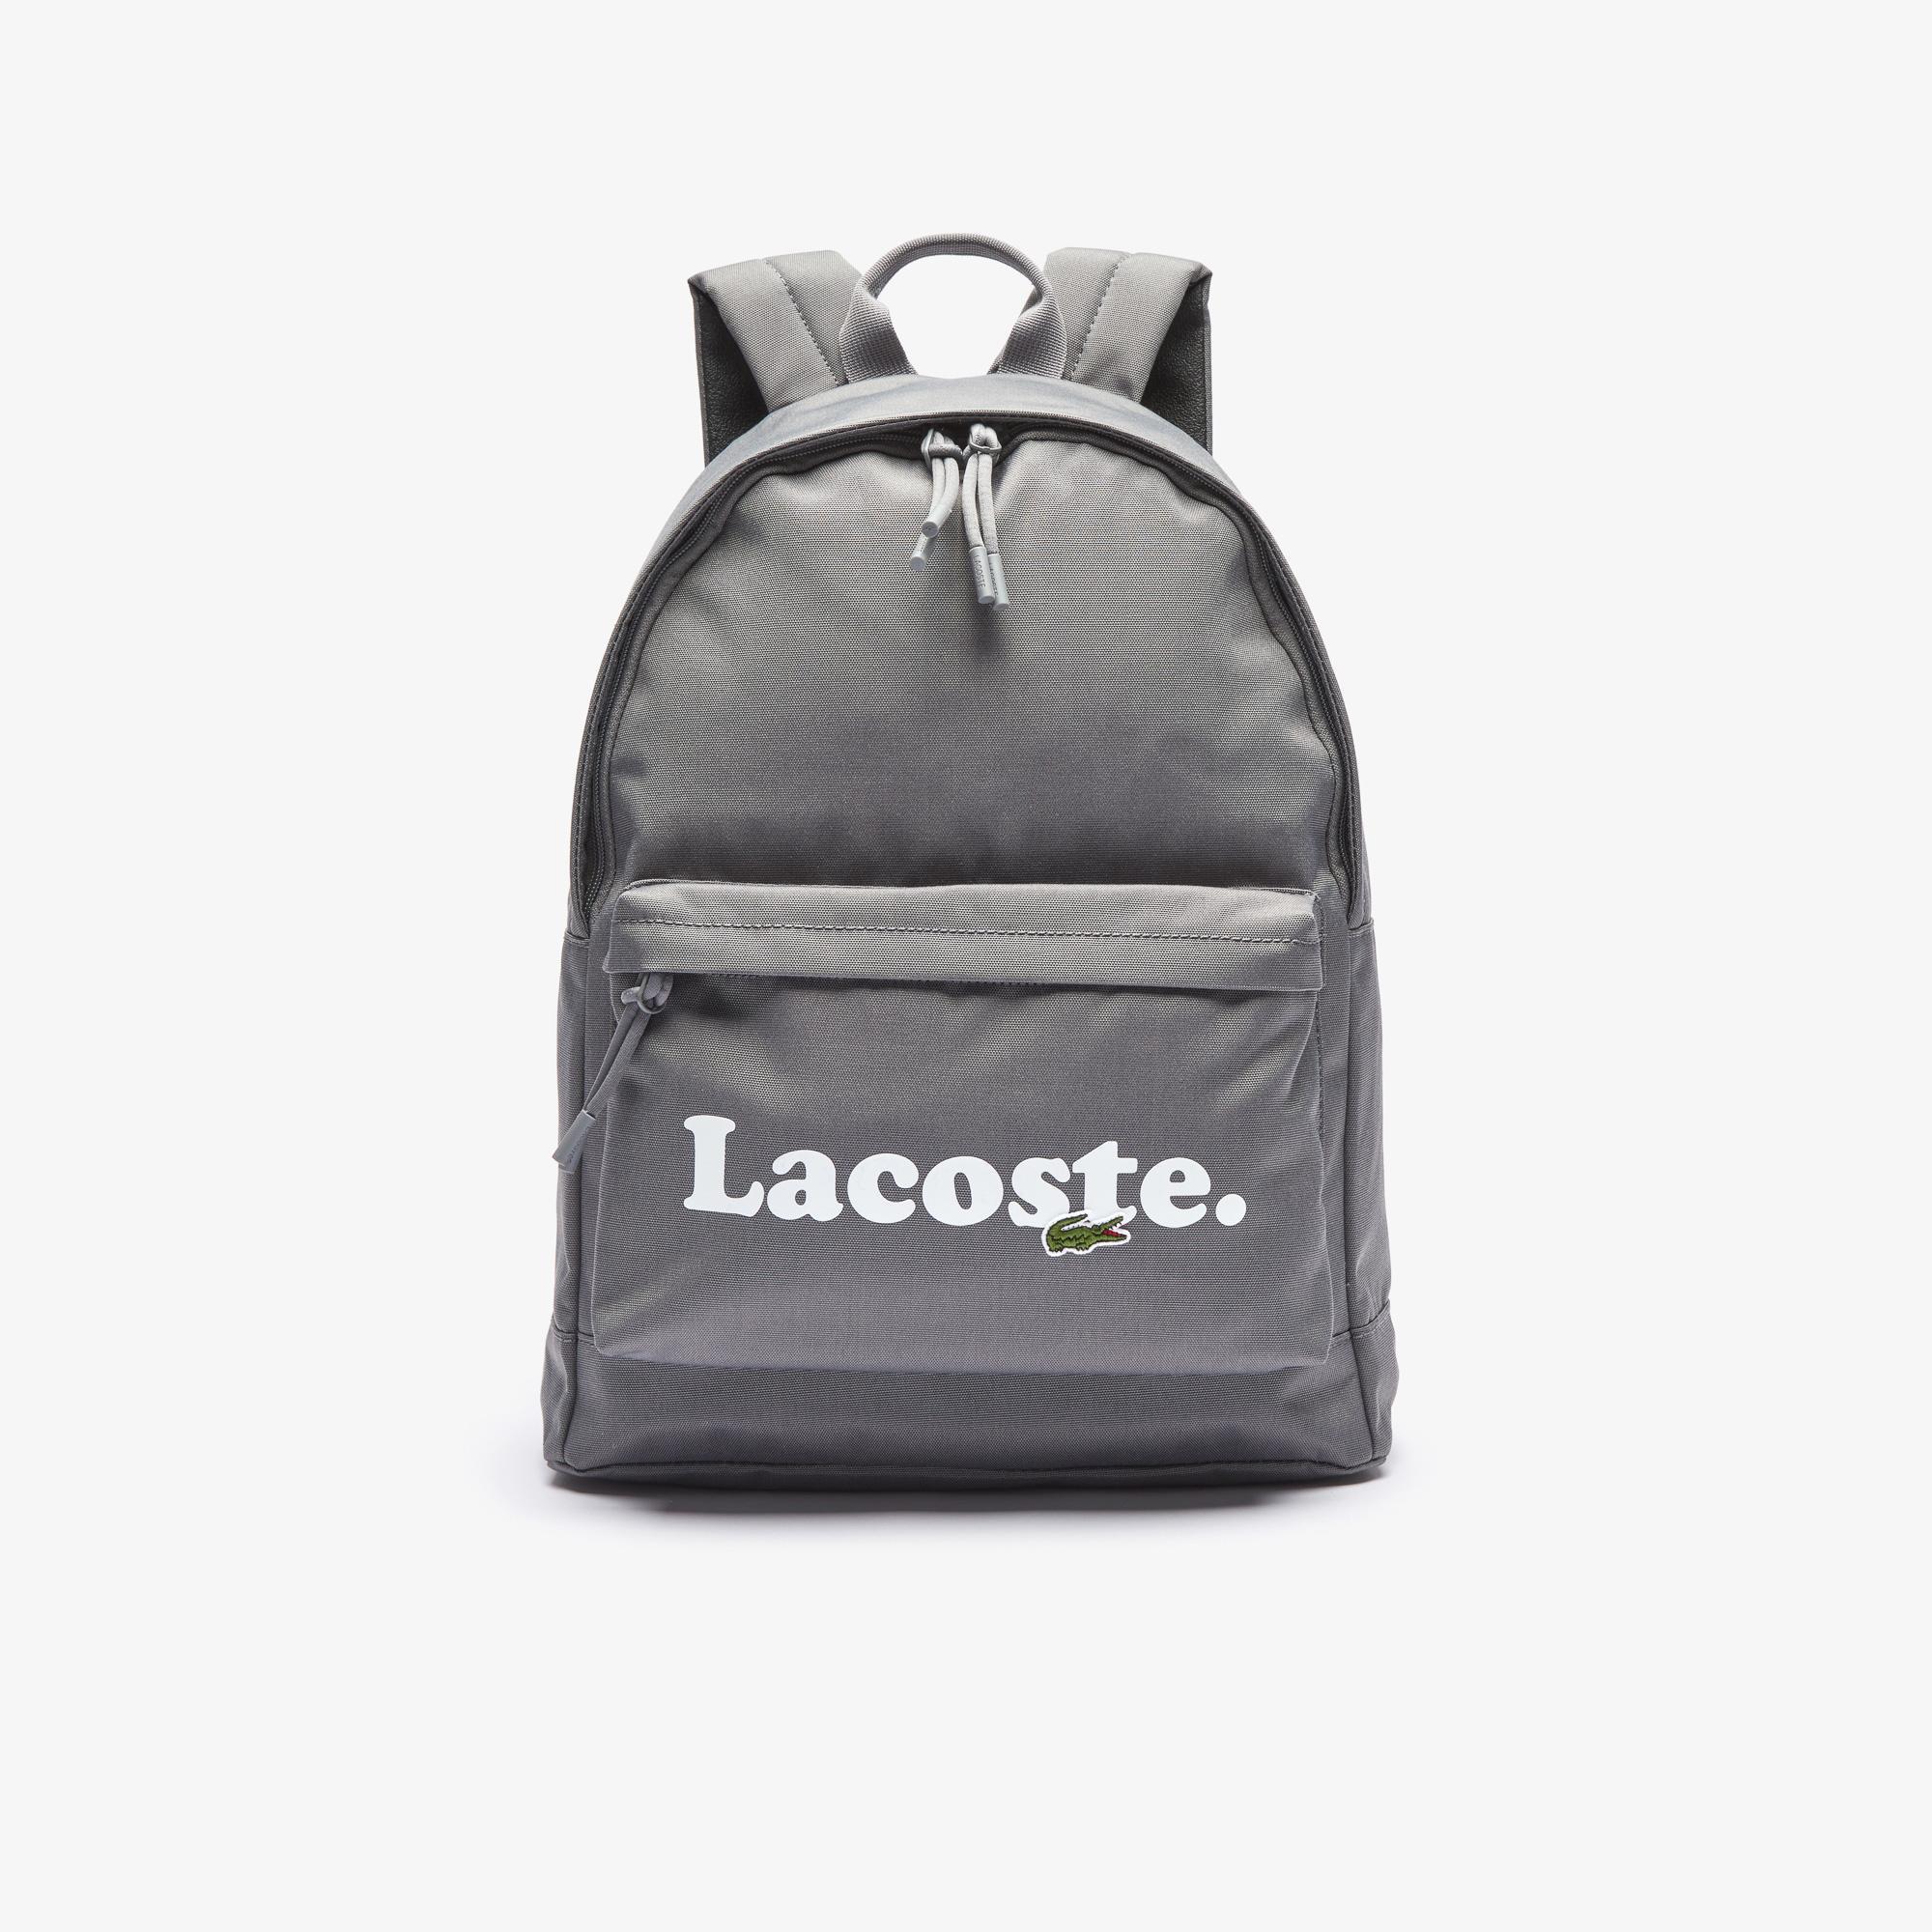 Lacoste Neocroc Erkek Koyu Gri Sırt Çantası